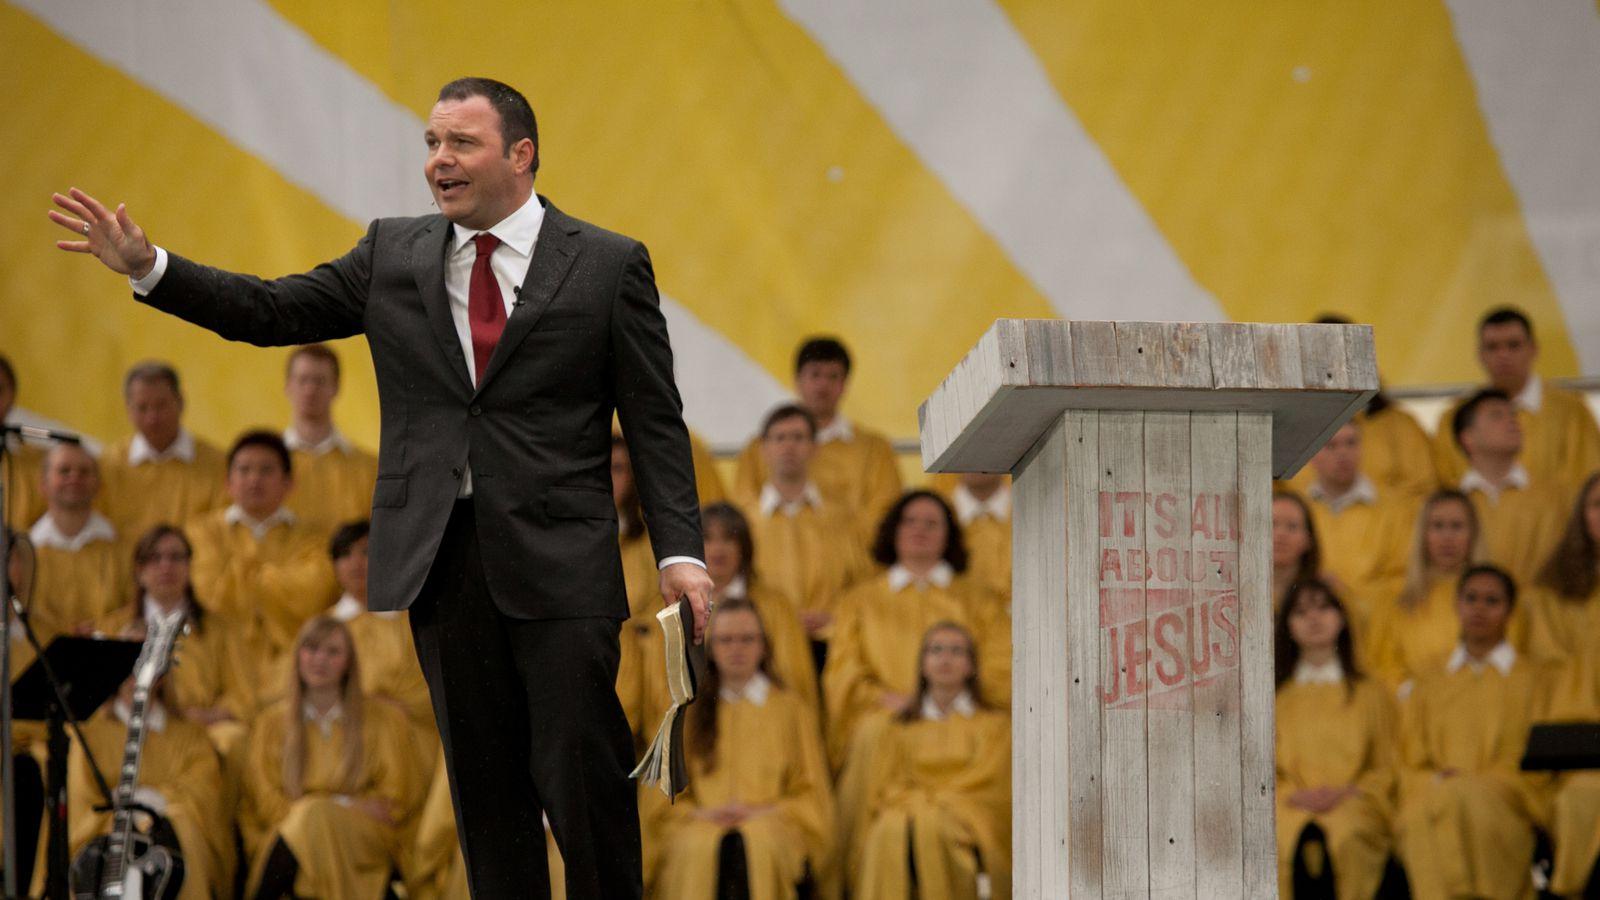 Controversy pastor mark driscoll Pastor Mark